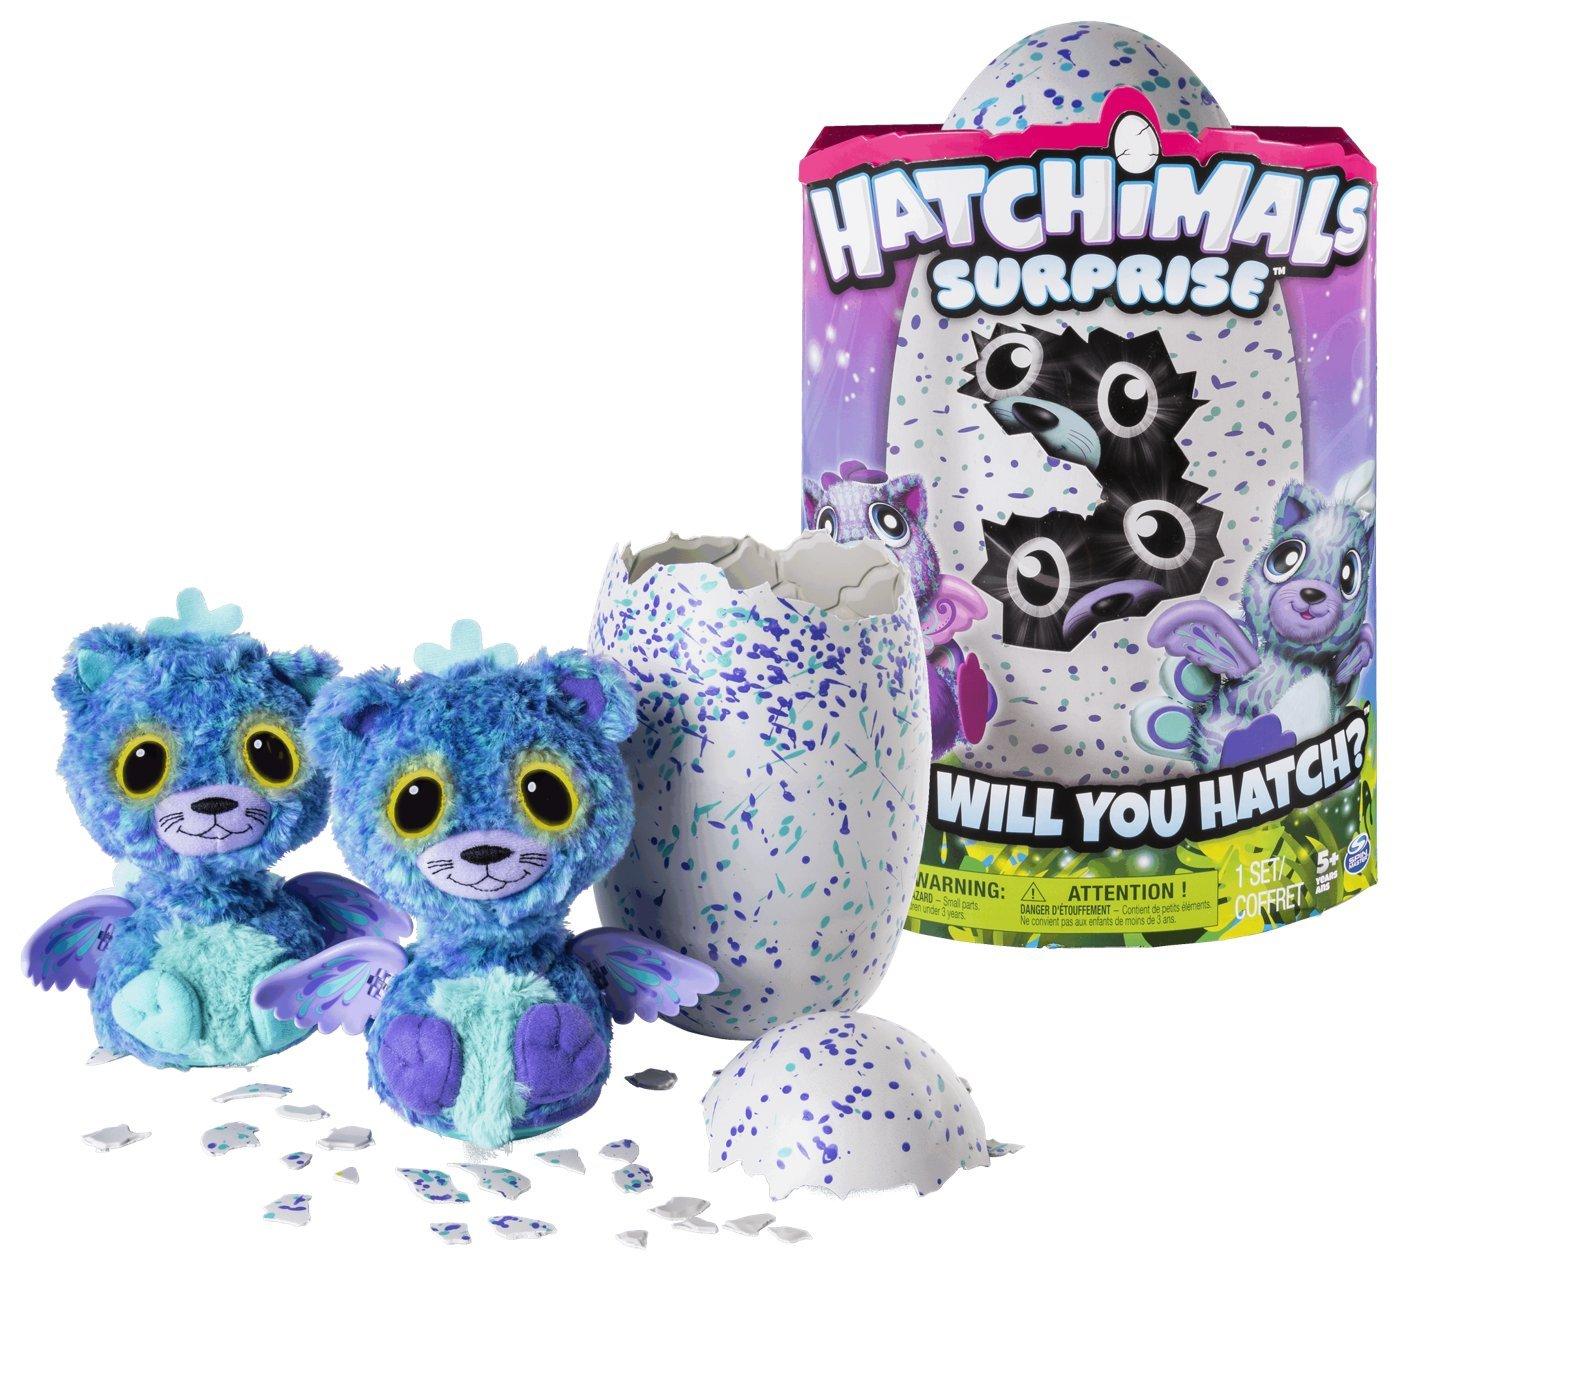 Hatchimals Surprise Peacat Purple Egg Playset by Hatchimals Surprise (Image #1)